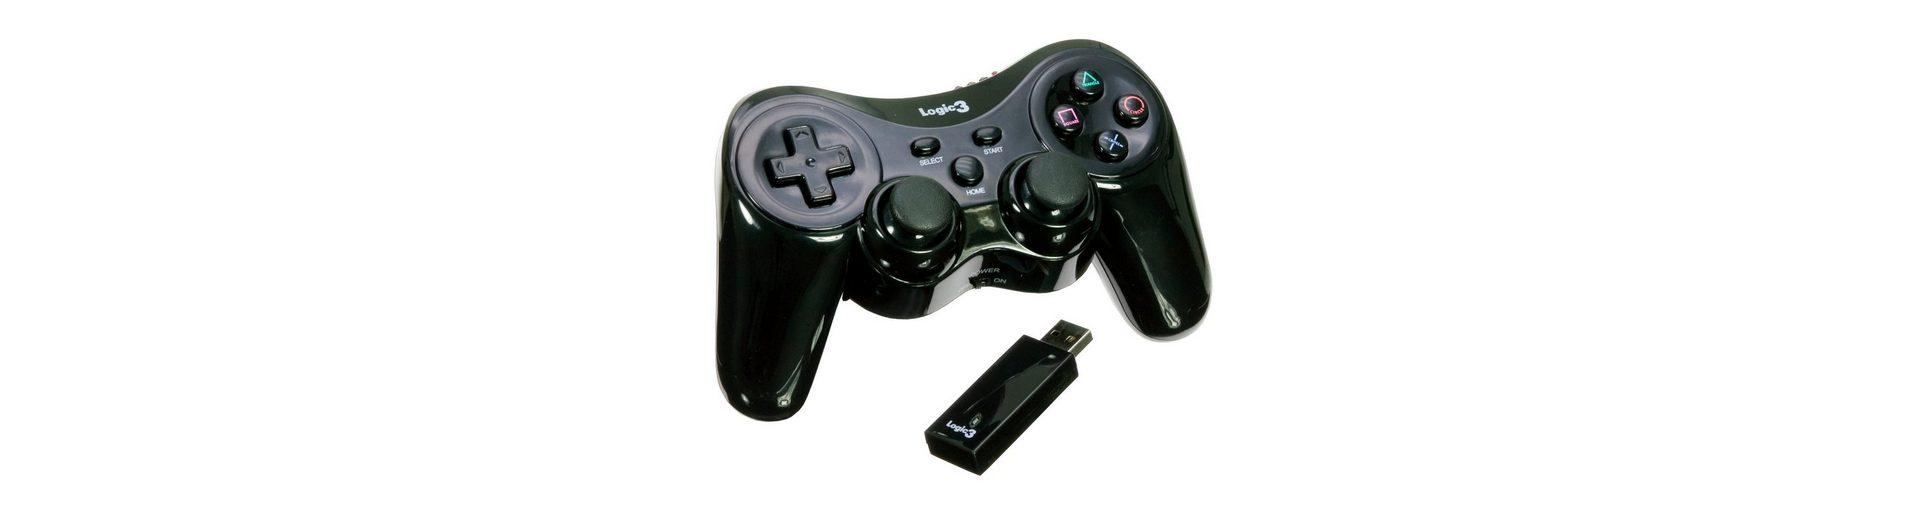 LOGIC3 Joypad Six Axis schwarz kabellos »(PS3)«